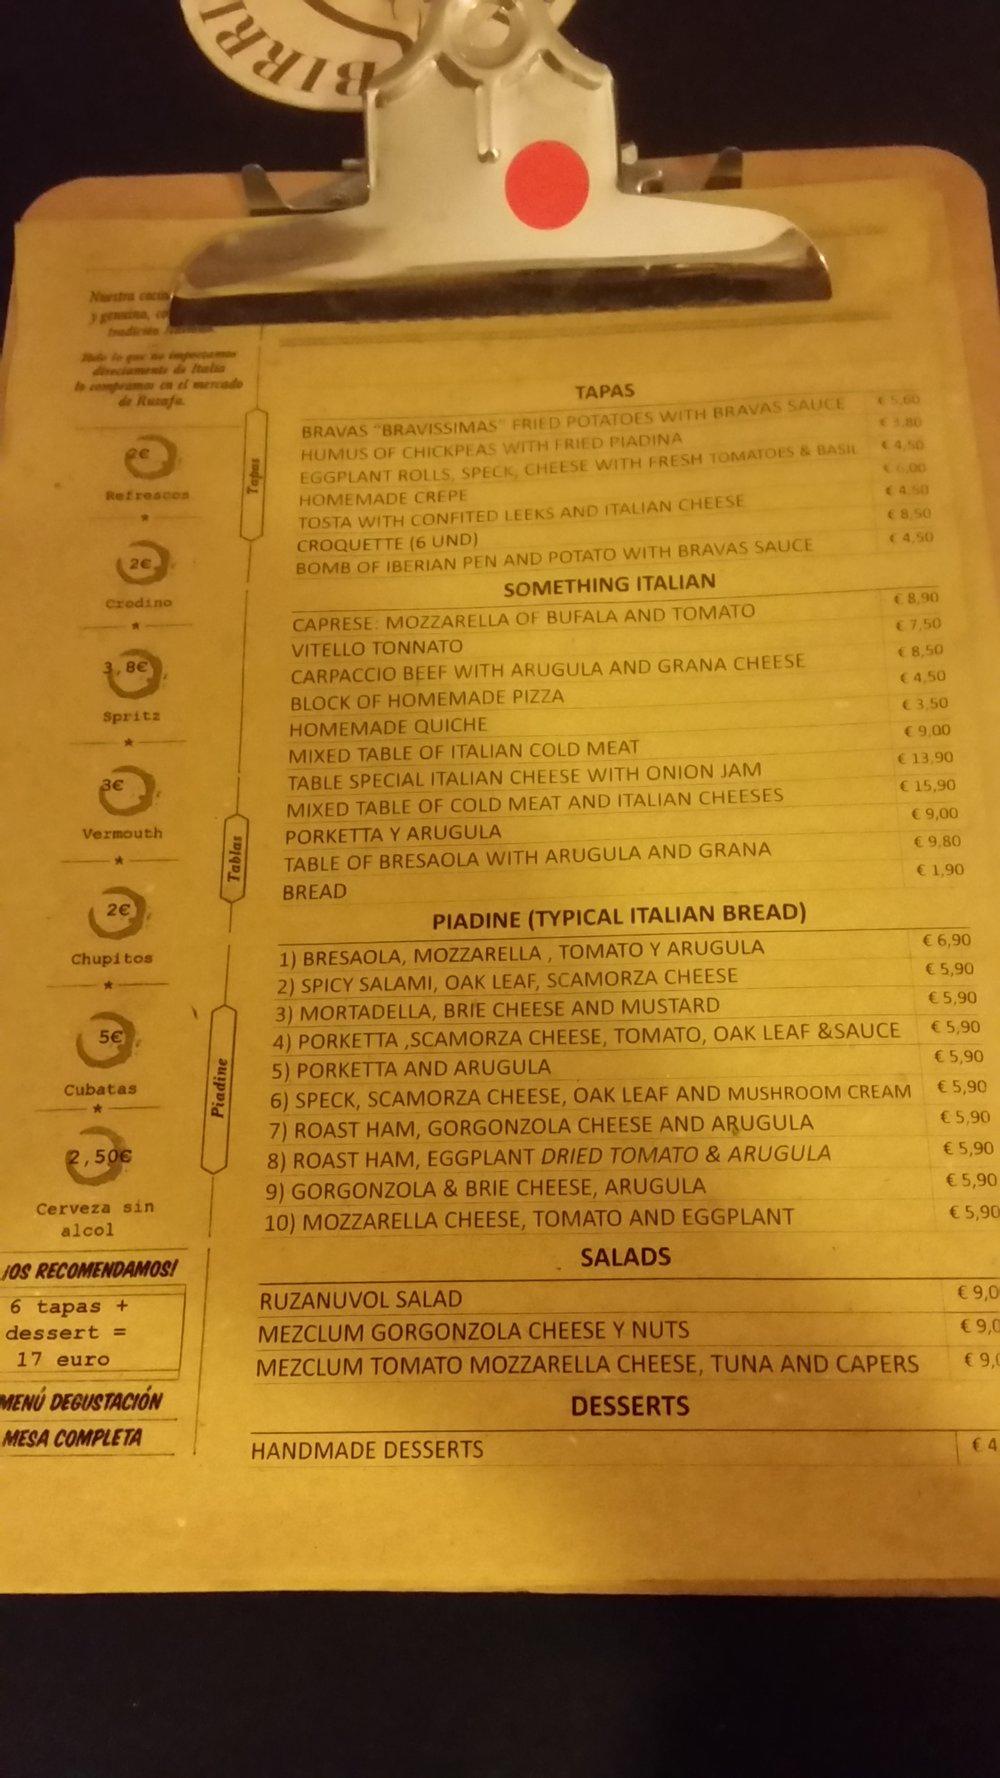 ruzanuvol-menu